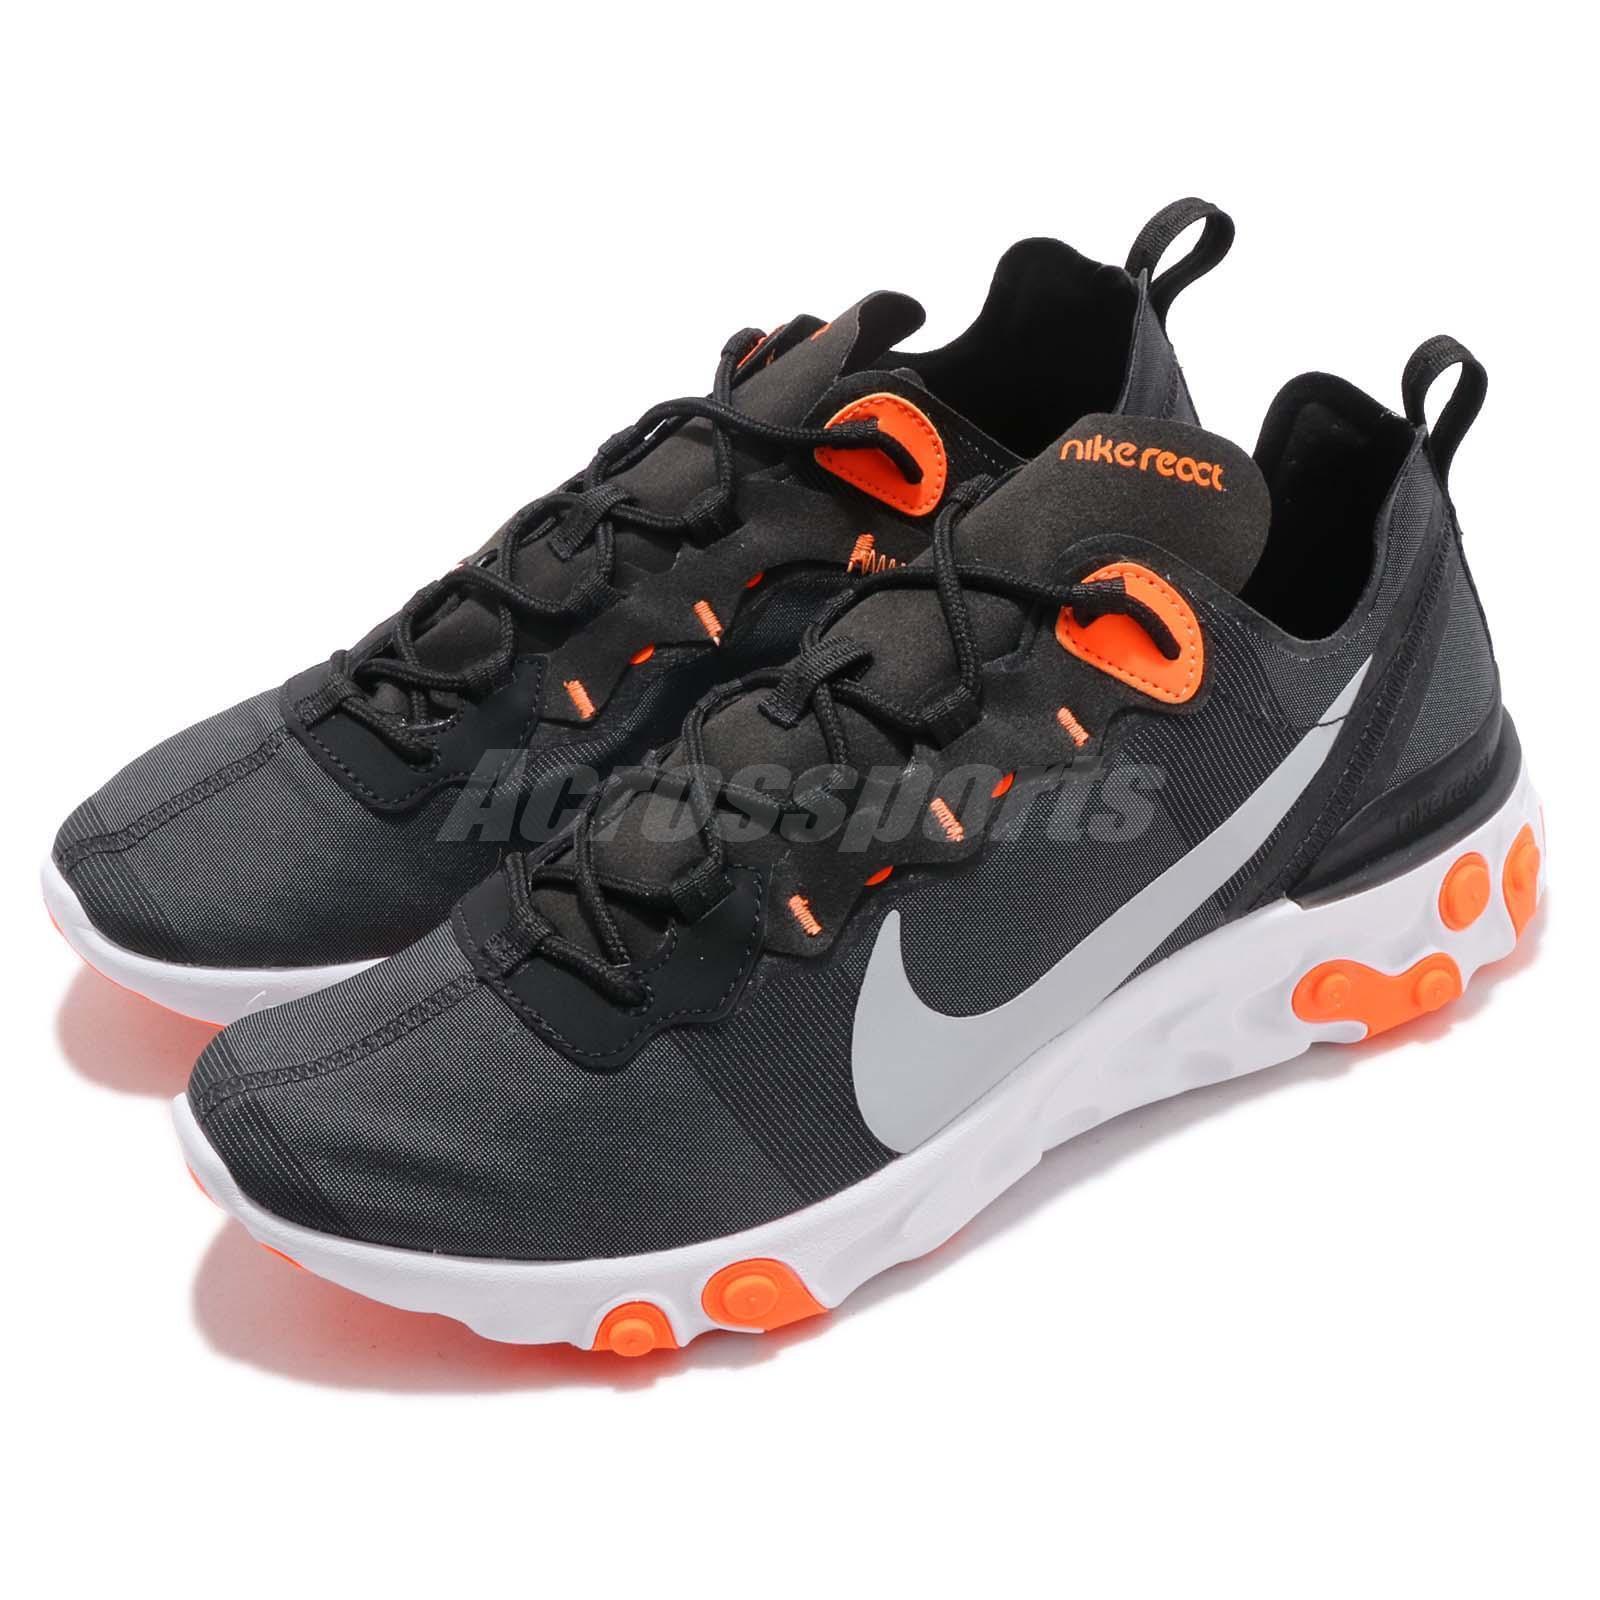 Nike React Element 55 Black Grey orange Men Running shoes Sneakers BQ6166-006